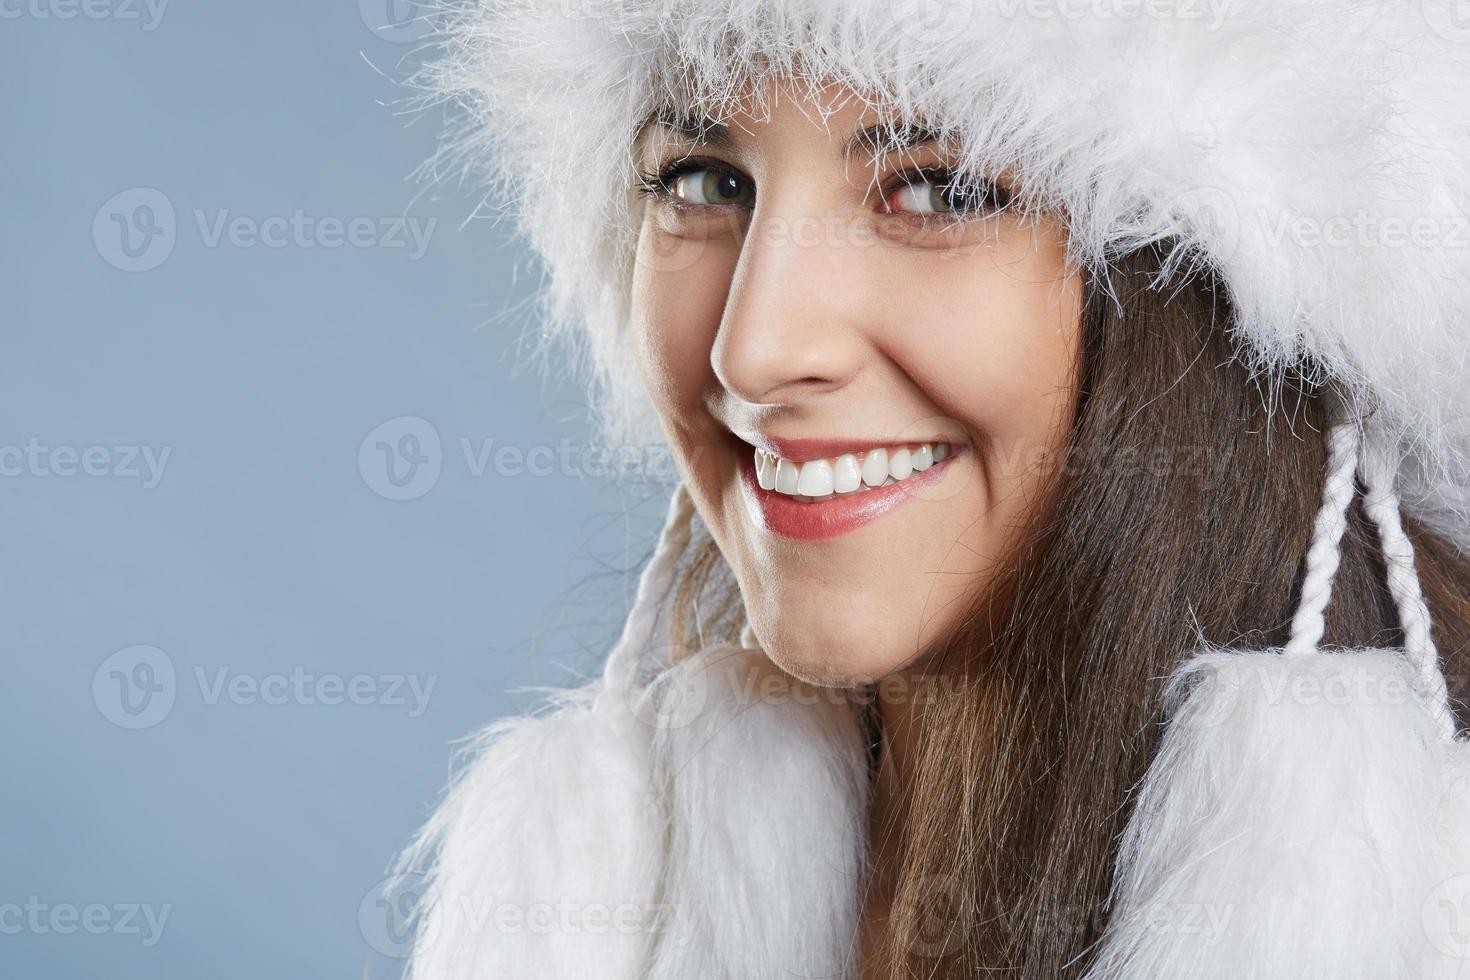 als een sneeuwvlok foto